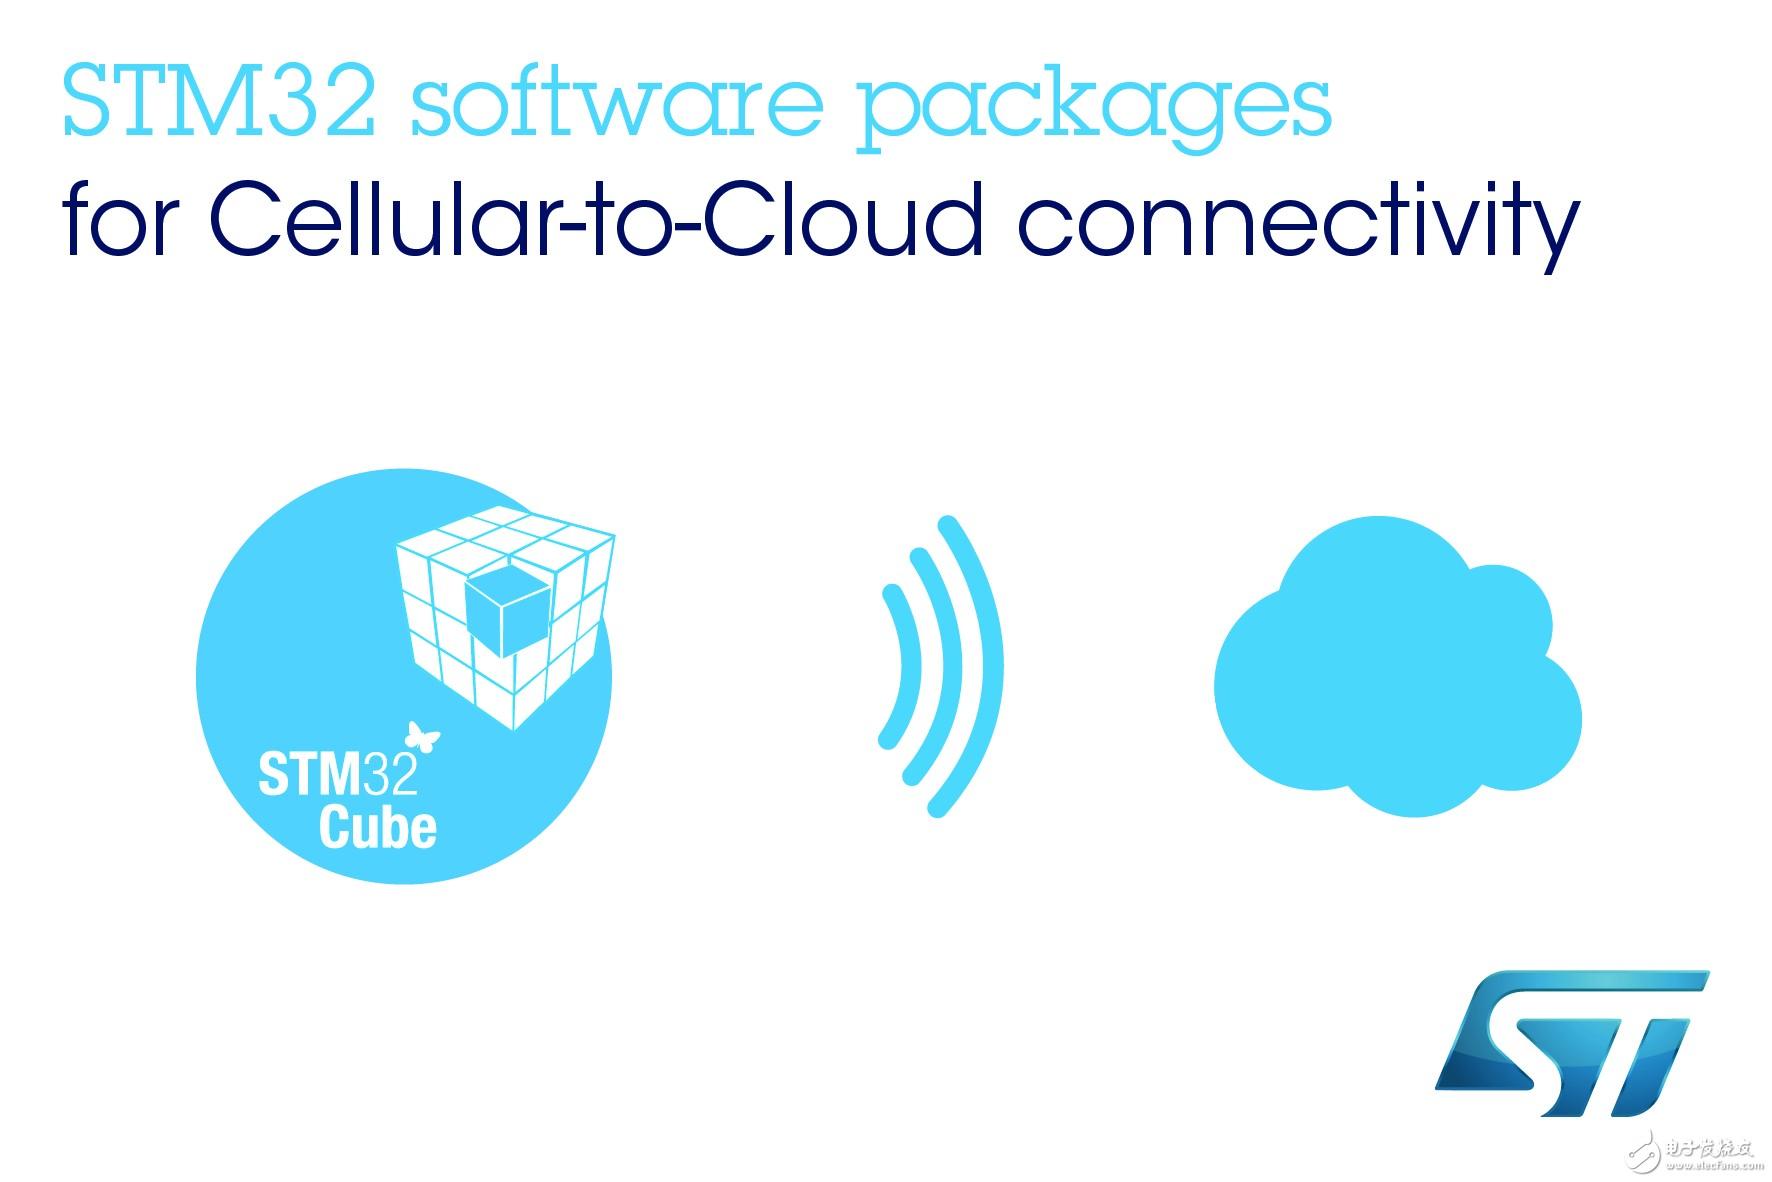 简单便捷、开箱即用的IoT连接方案——意法半导体STM32蜂窝-云端探索套件经销商到货